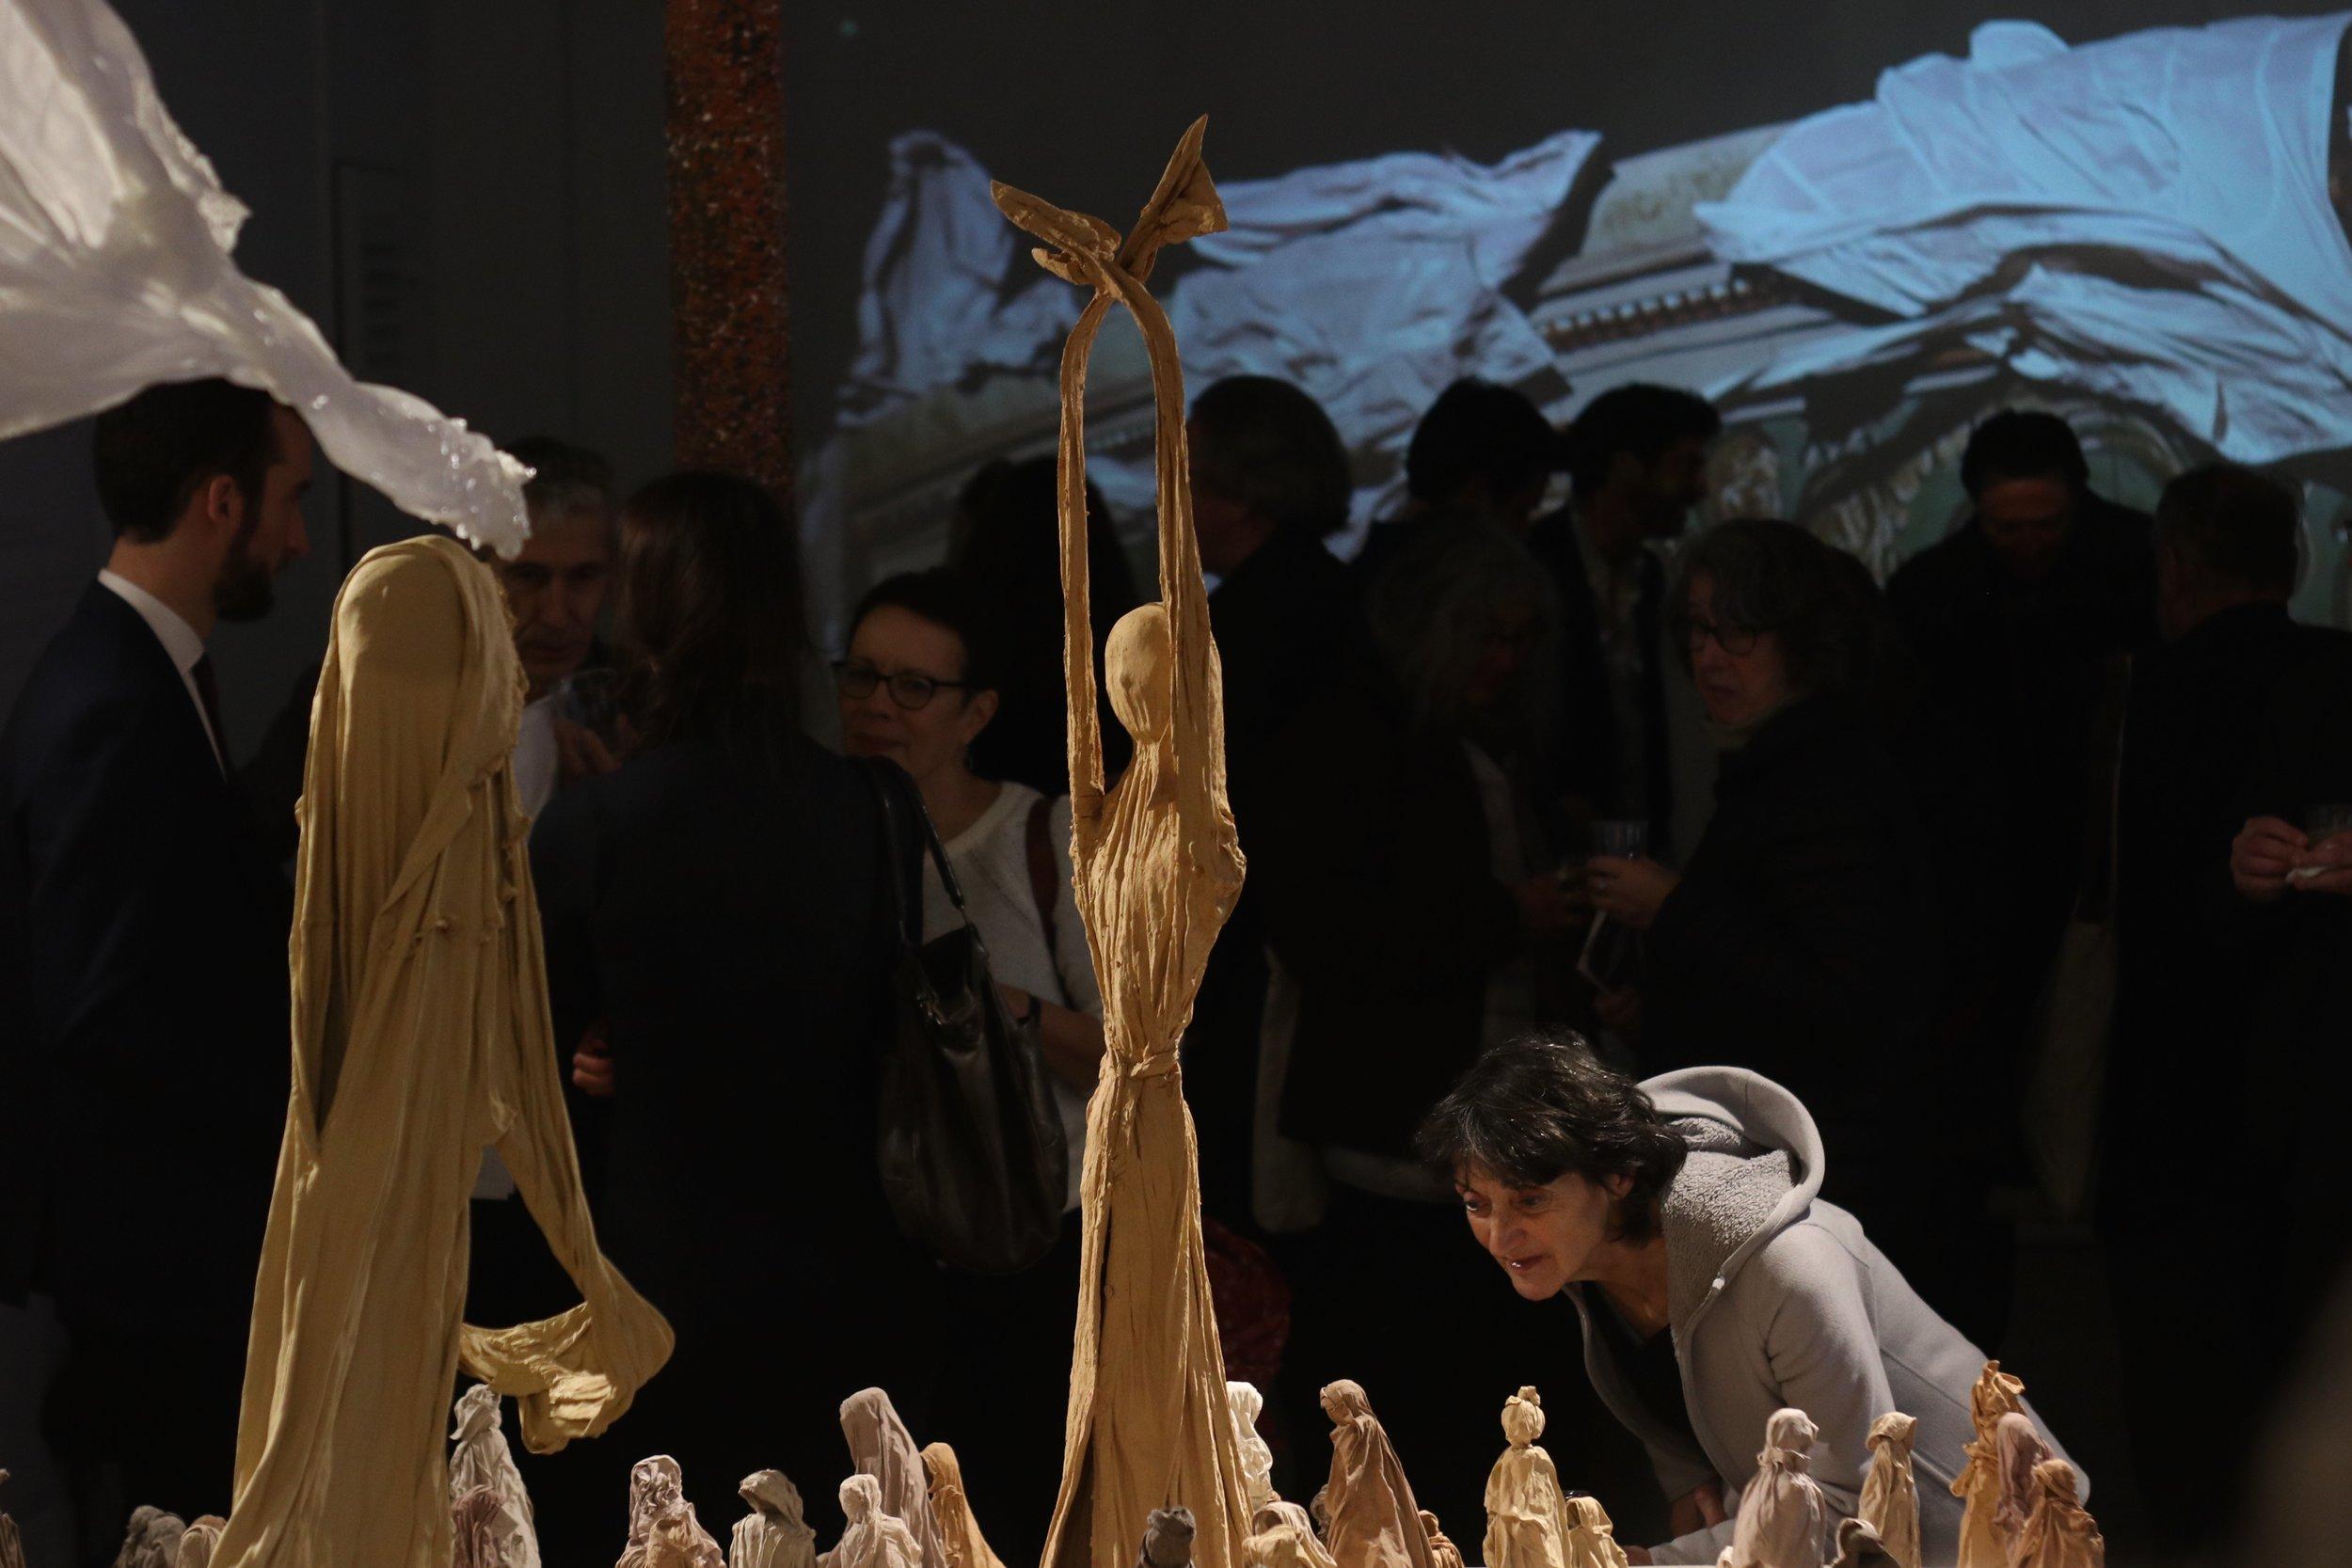 Soir de vernissage, Paris, Novembre 2018  Installation d'une foule et de saltimbanques : mouchoirs vêtements et terre